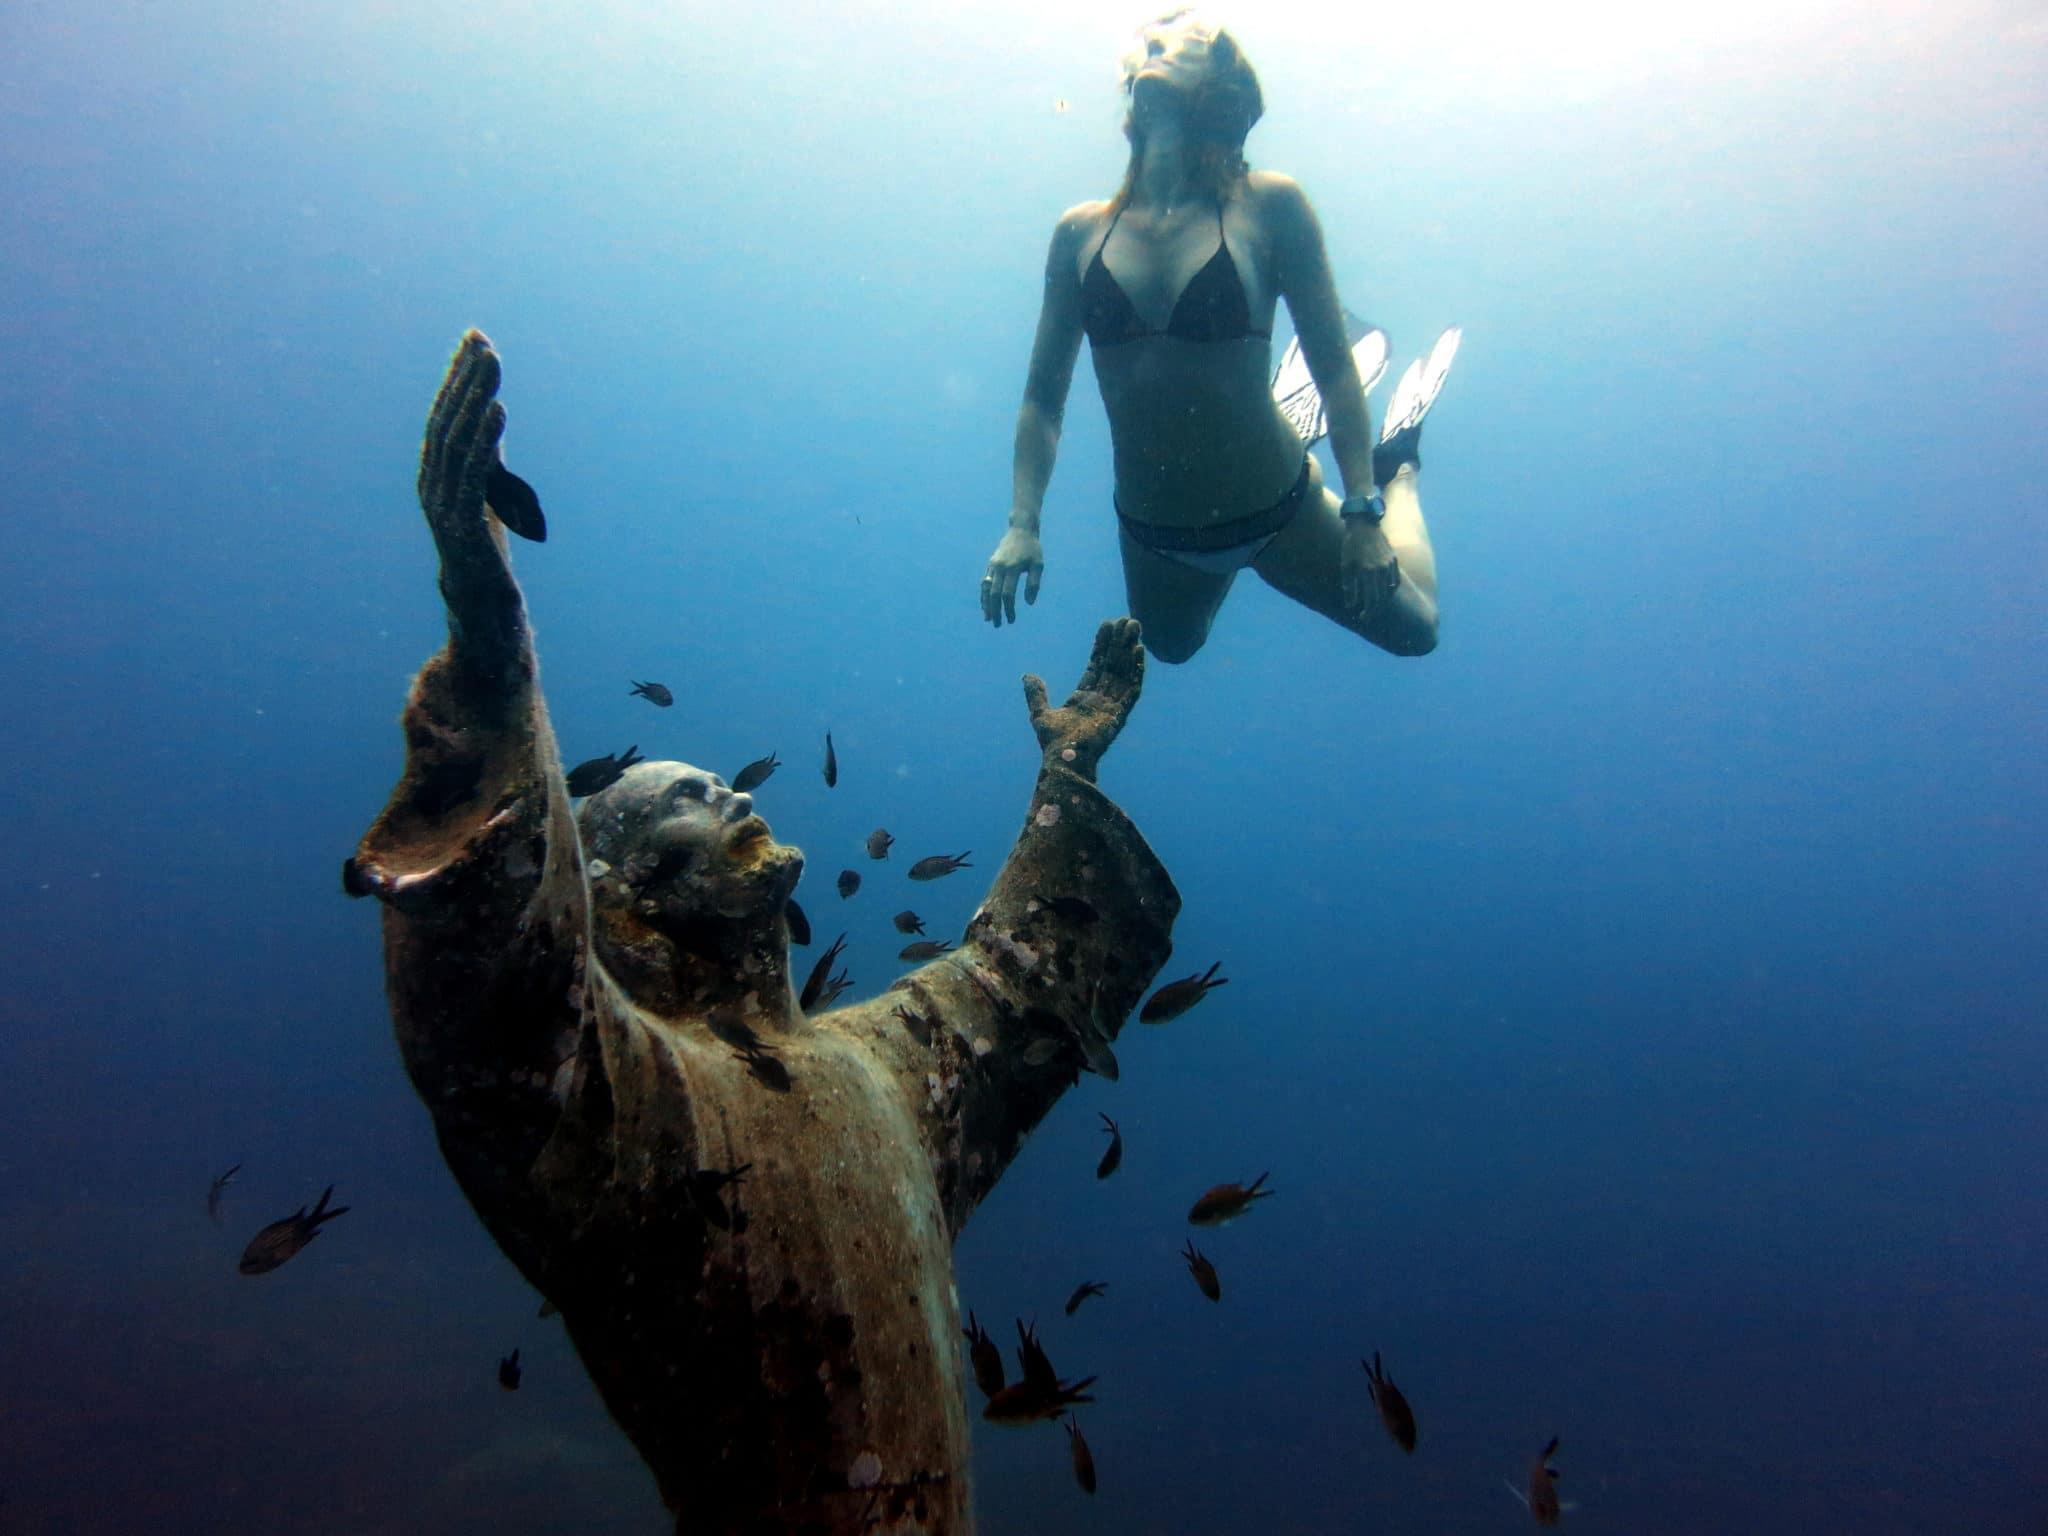 Que significa plongée en frances